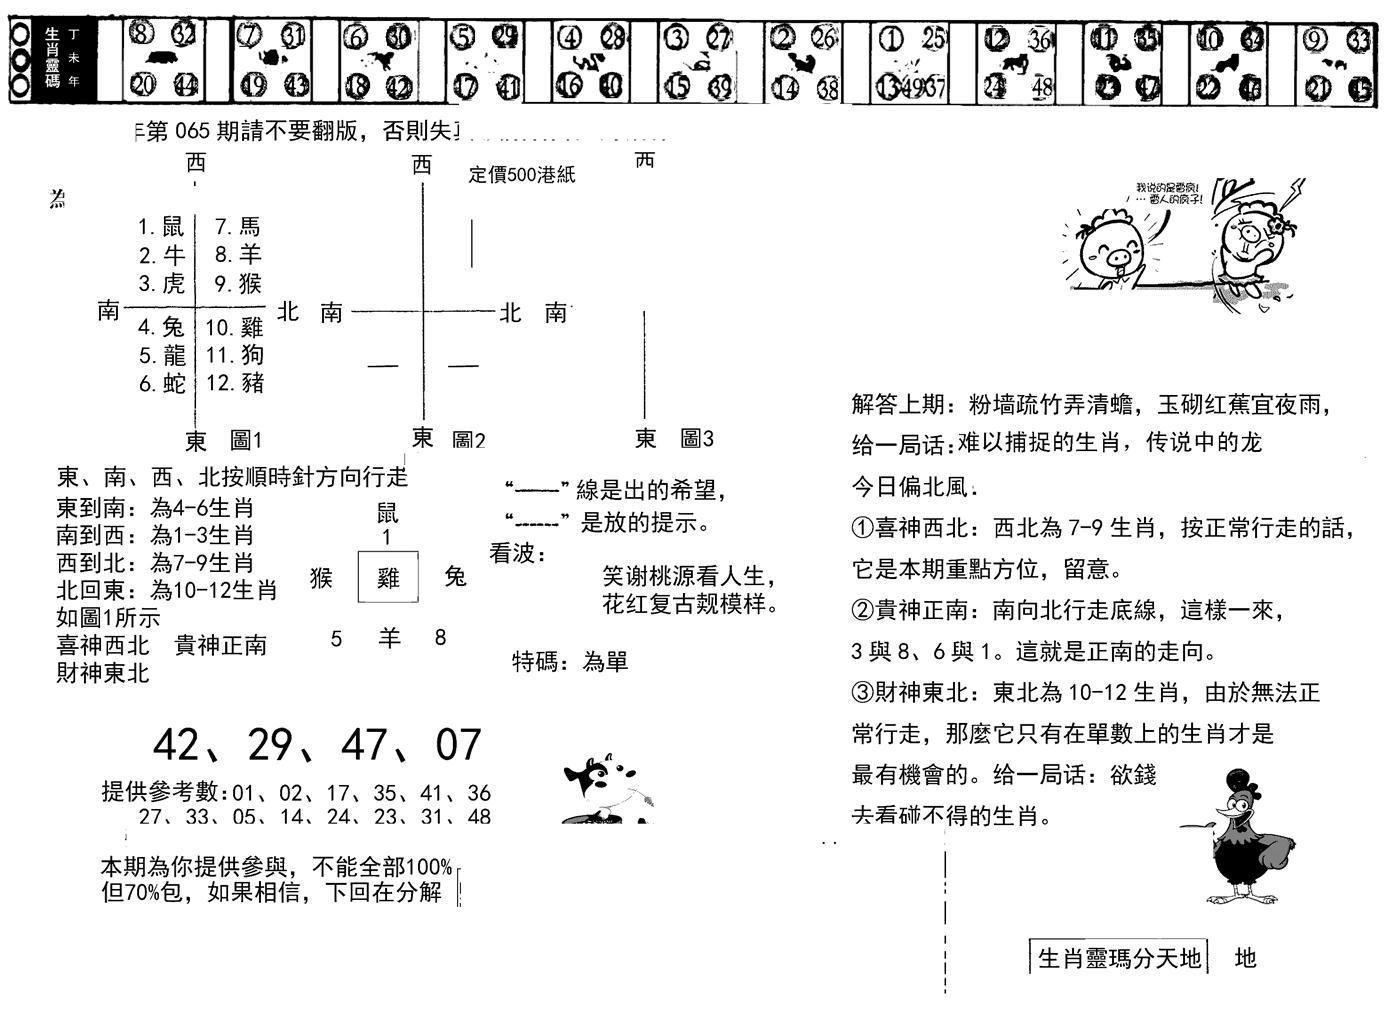 065期正版澳门足球报(黑白)